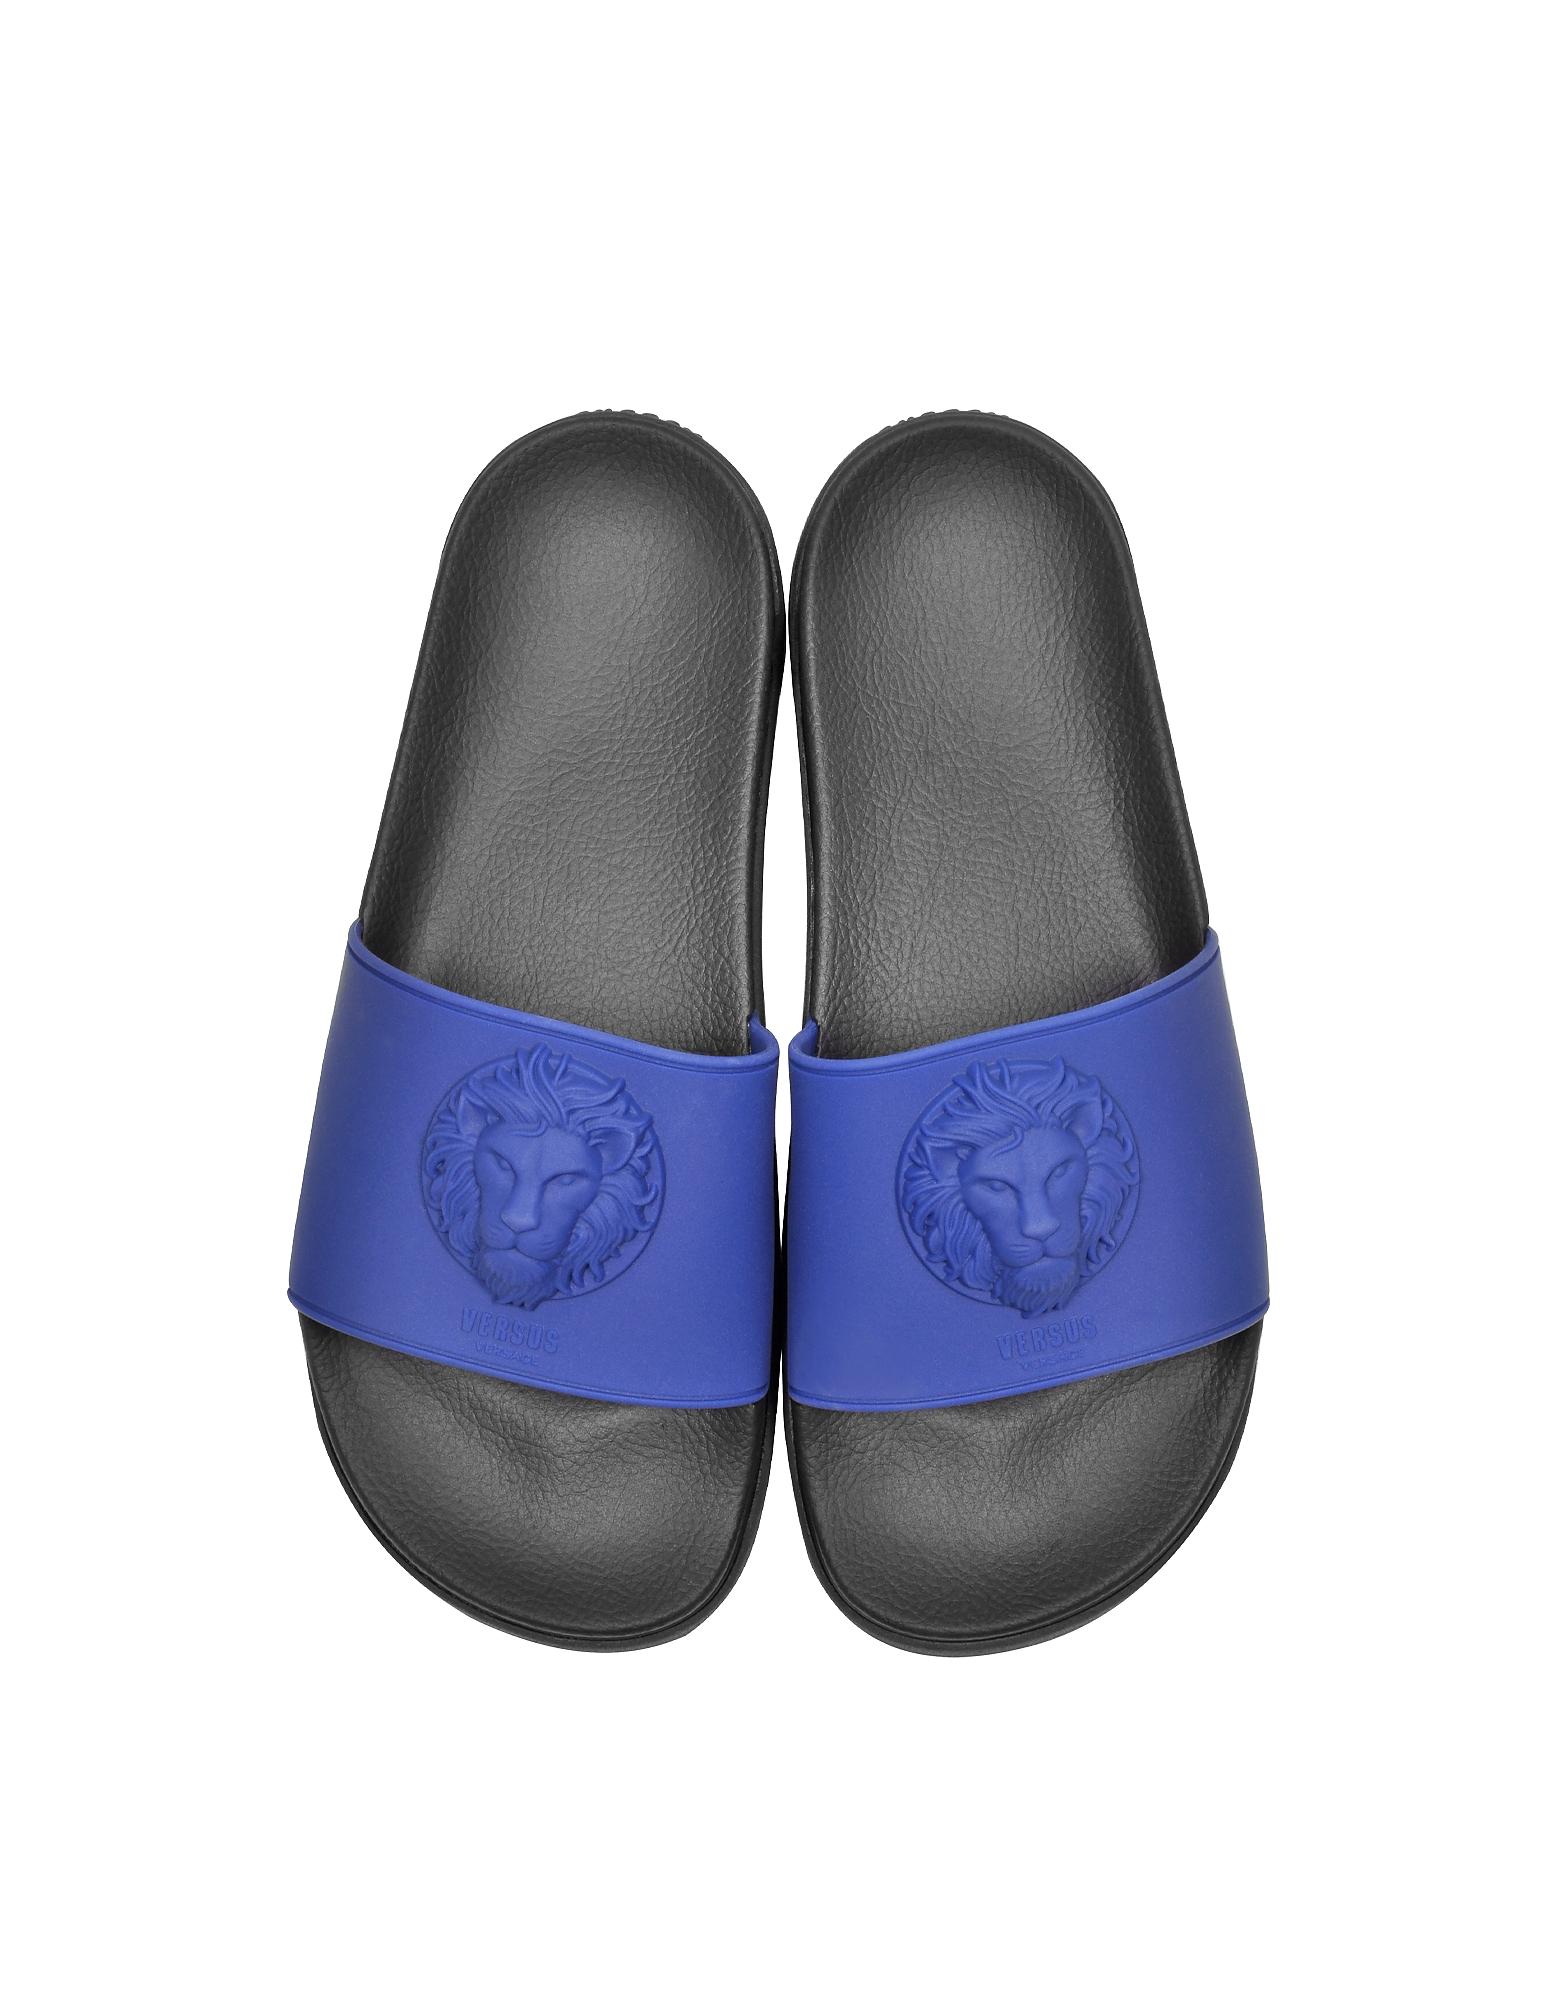 Lion Head Blue Rubber Slide Sandals